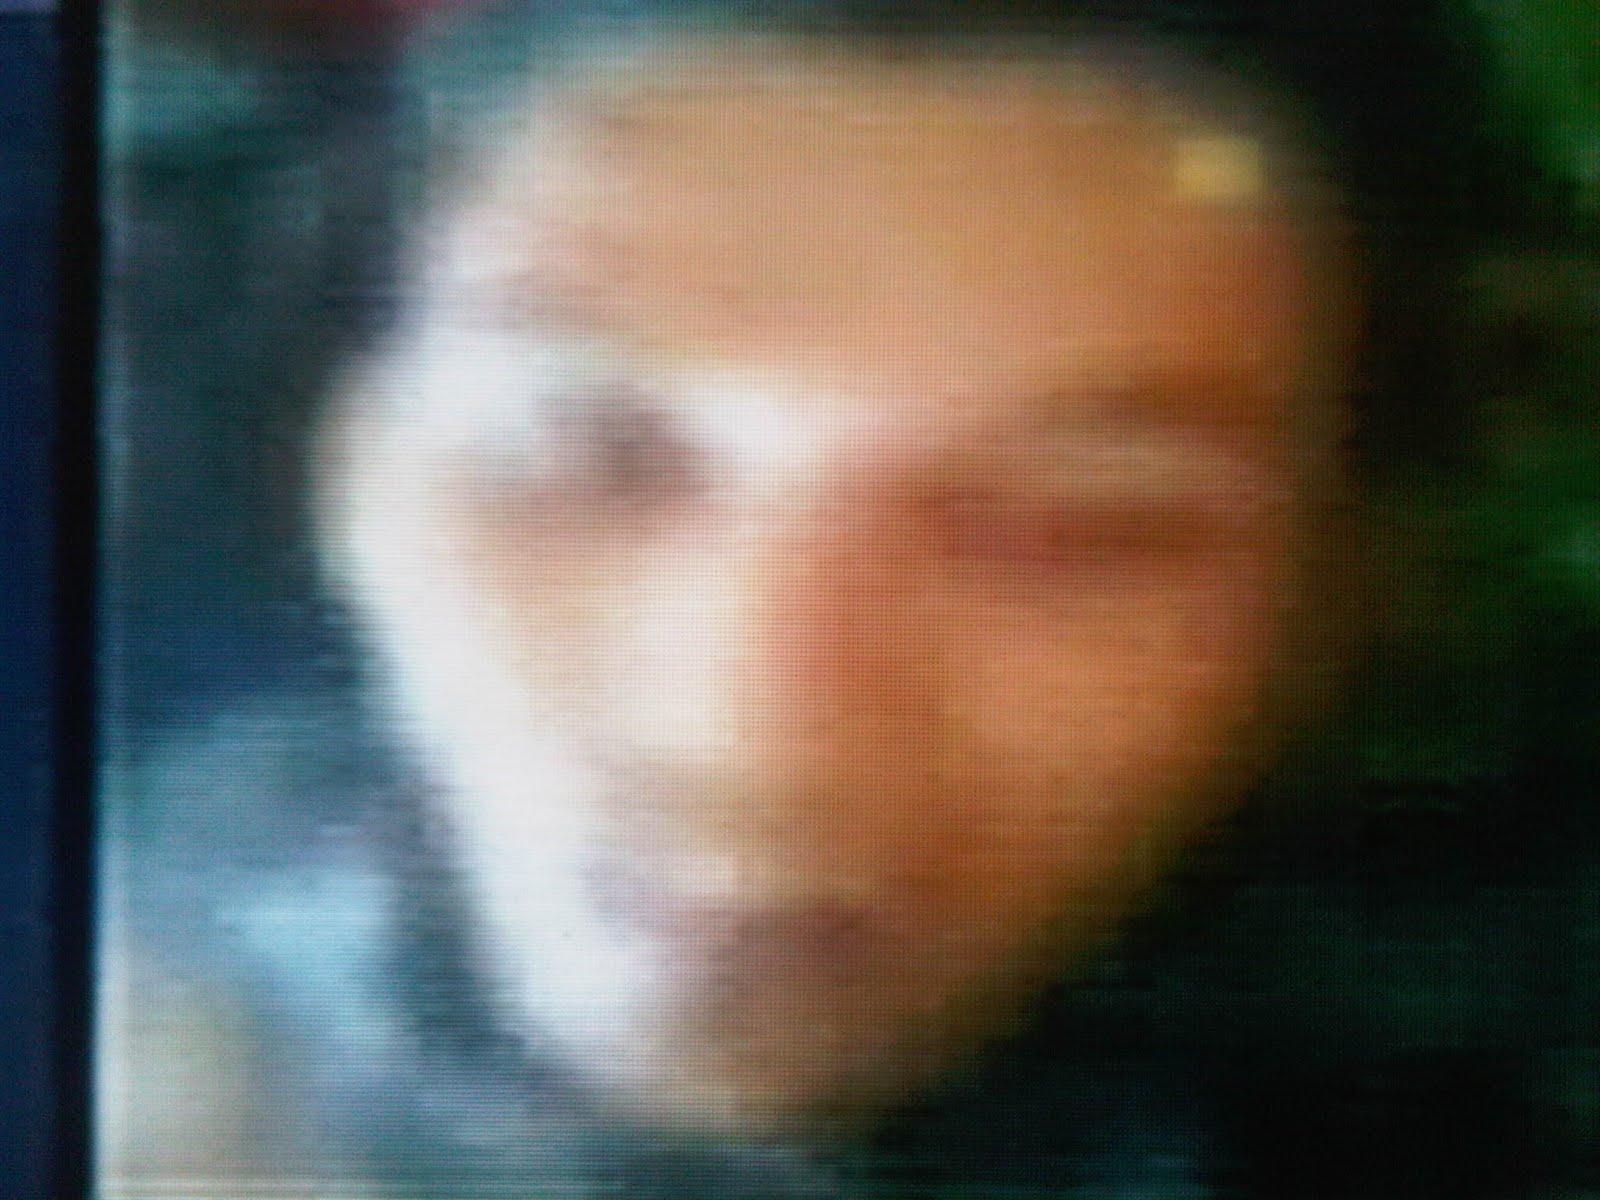 Video Bom Bunuh Diri Muhammad Syarif Sebelum Tewas